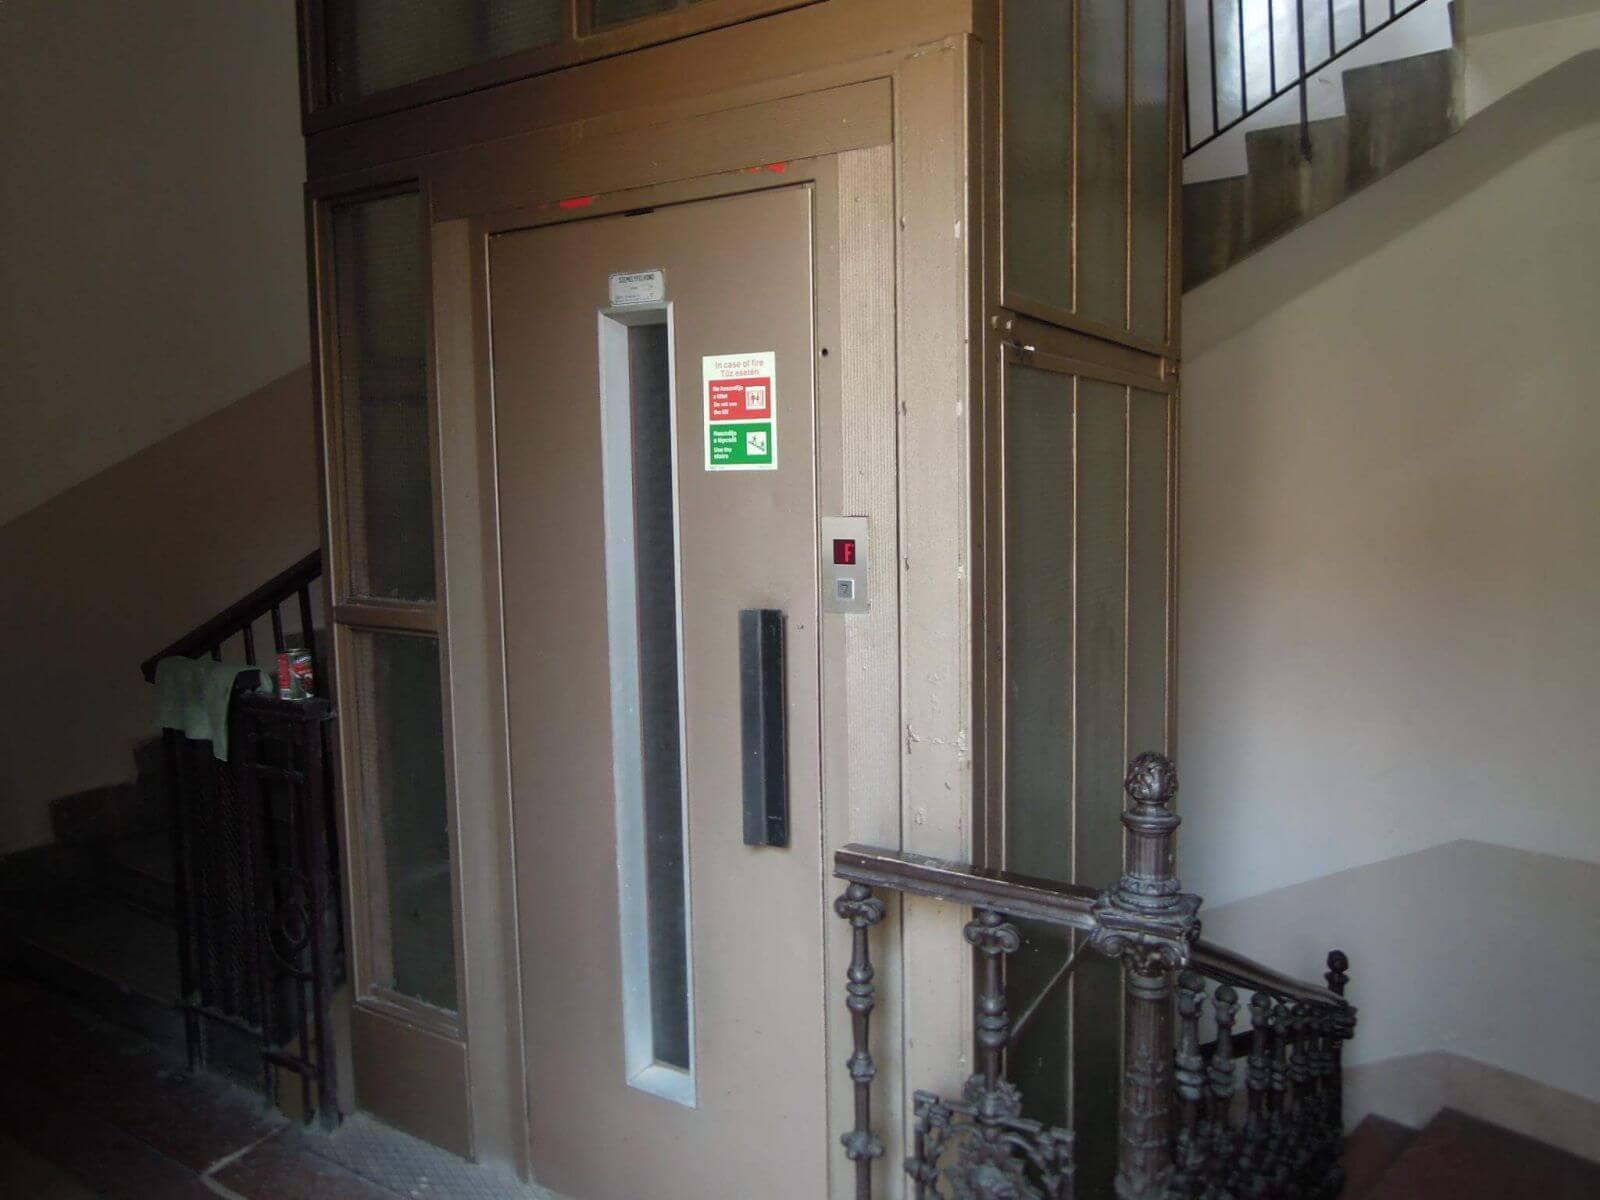 Eladó 3 szobás lakás- Budapest V-http://alacsonyjutalek.hu/ - Megbízható, megfizethető, minőségi ingatlanközvetítő iroda-tel: 36-30-9843-962